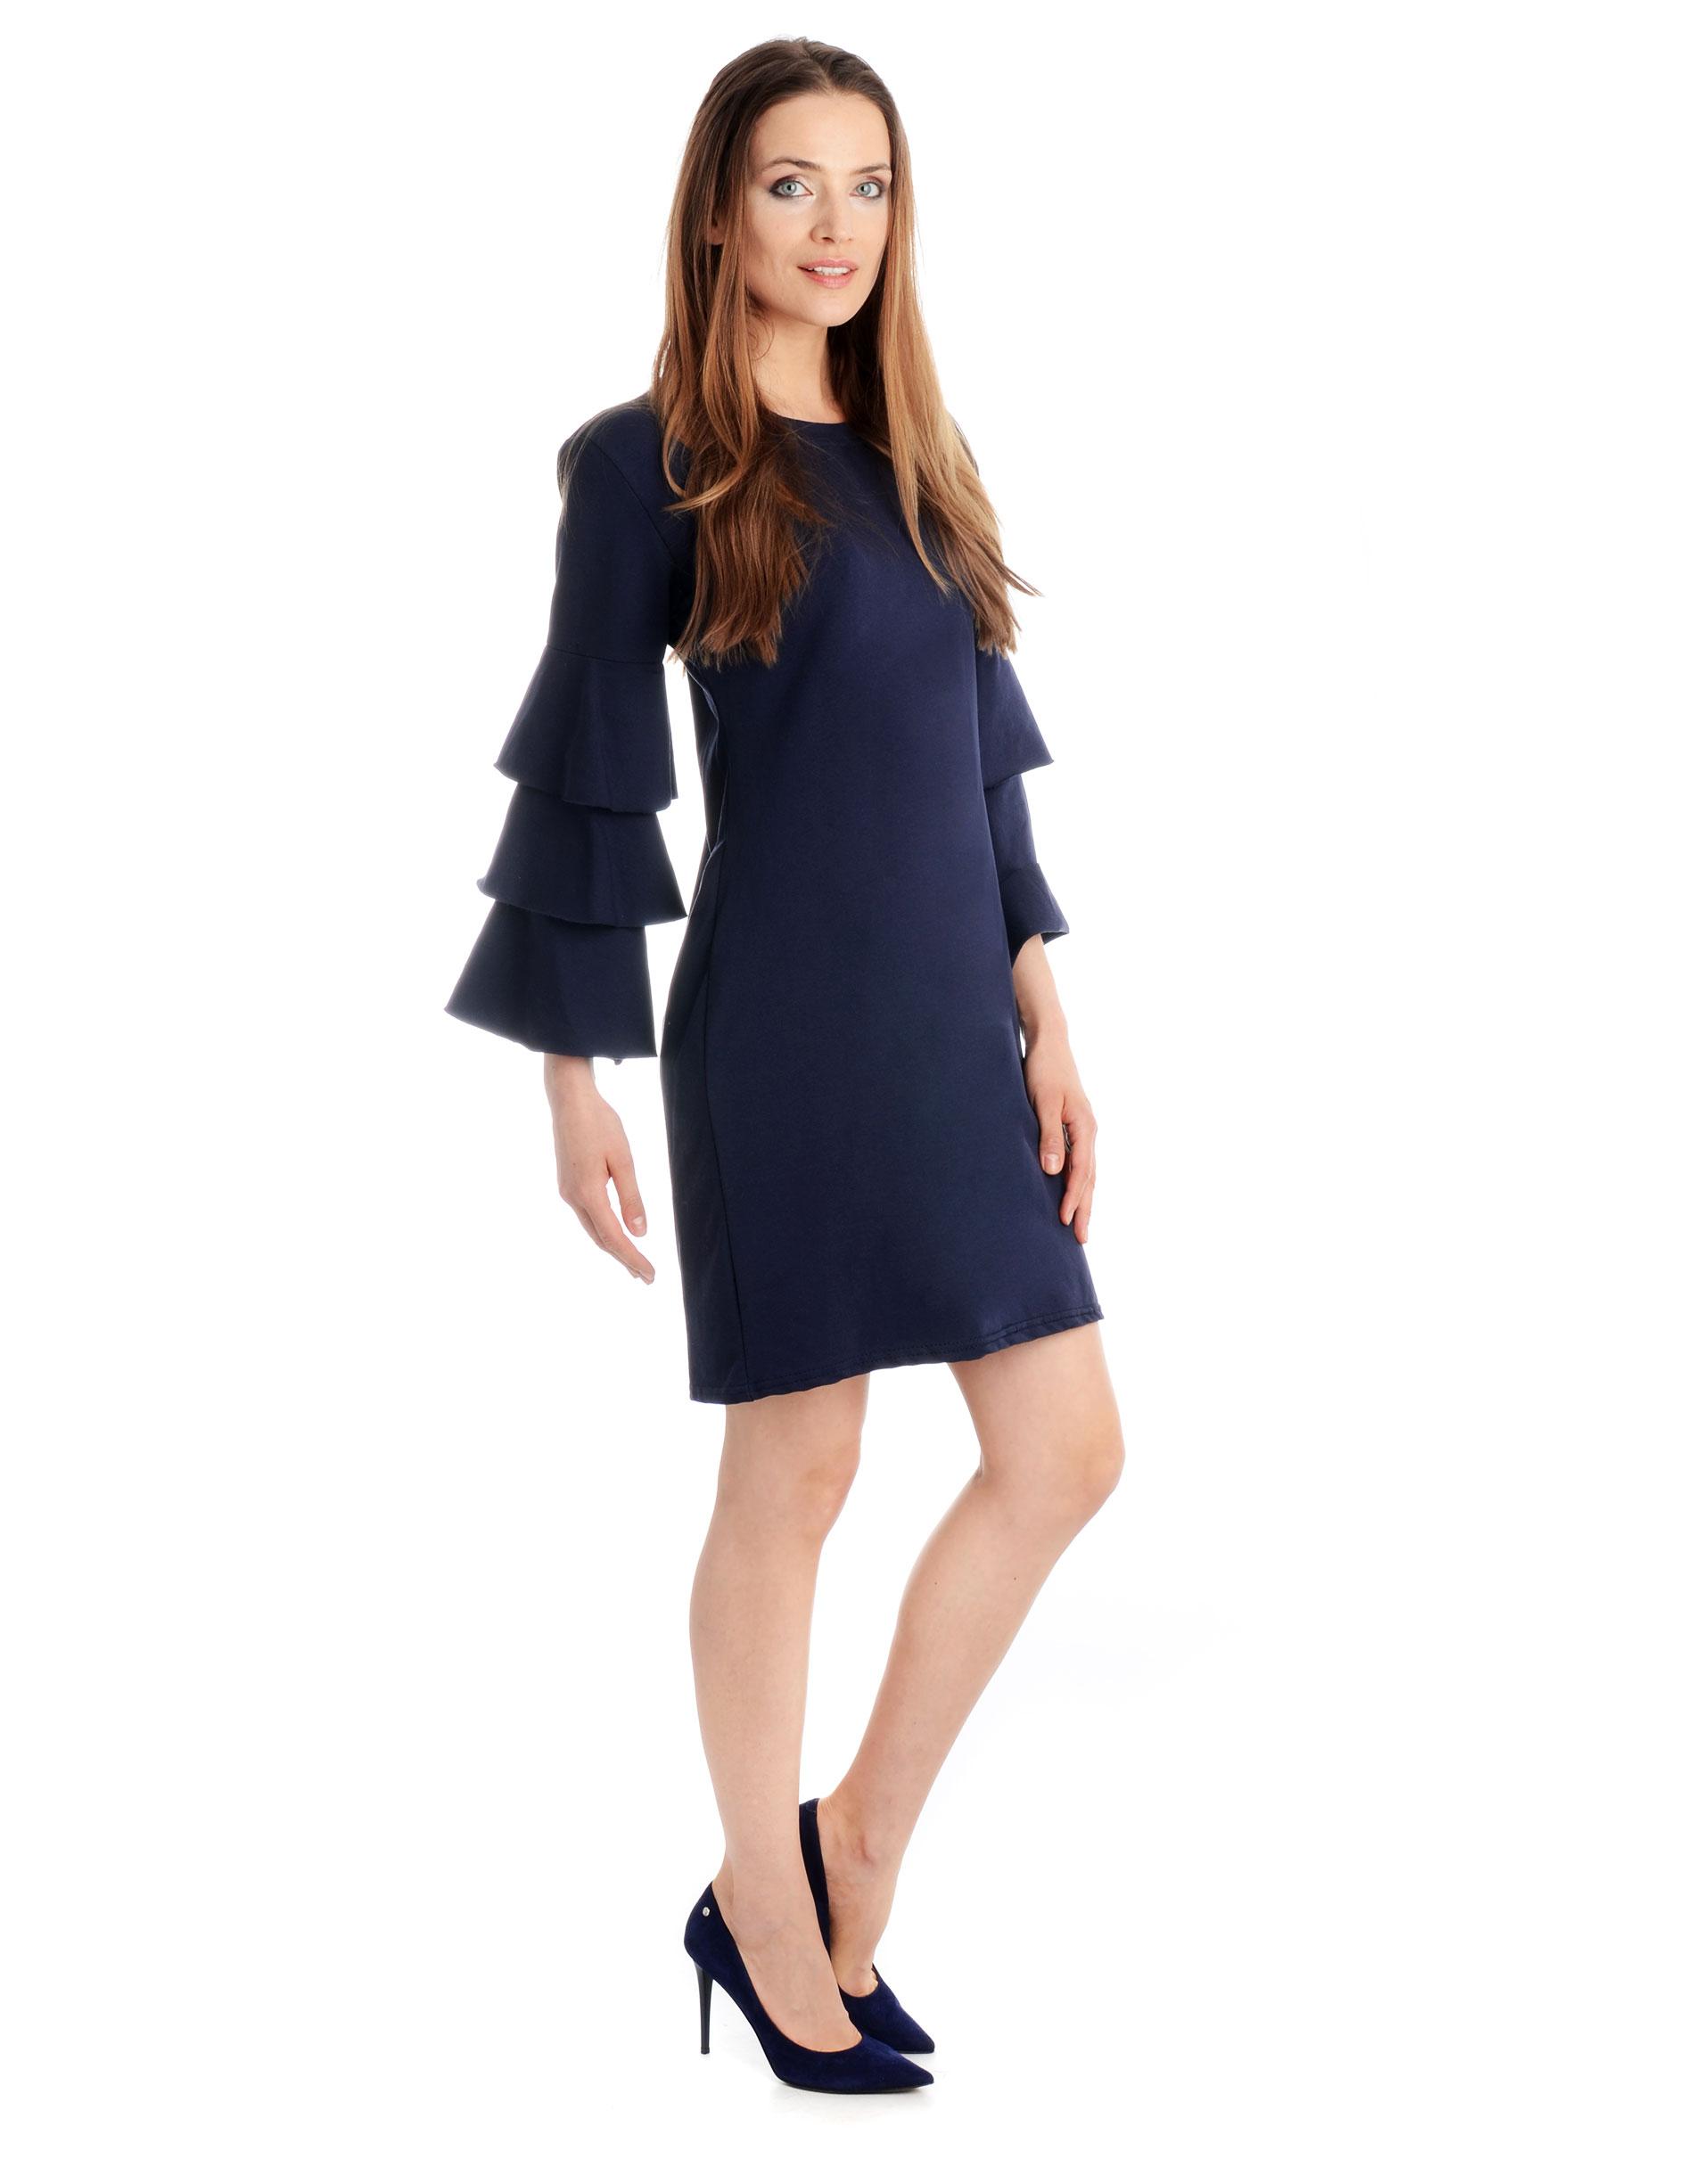 Sukienka - 18-17023 BLSC - Unisono